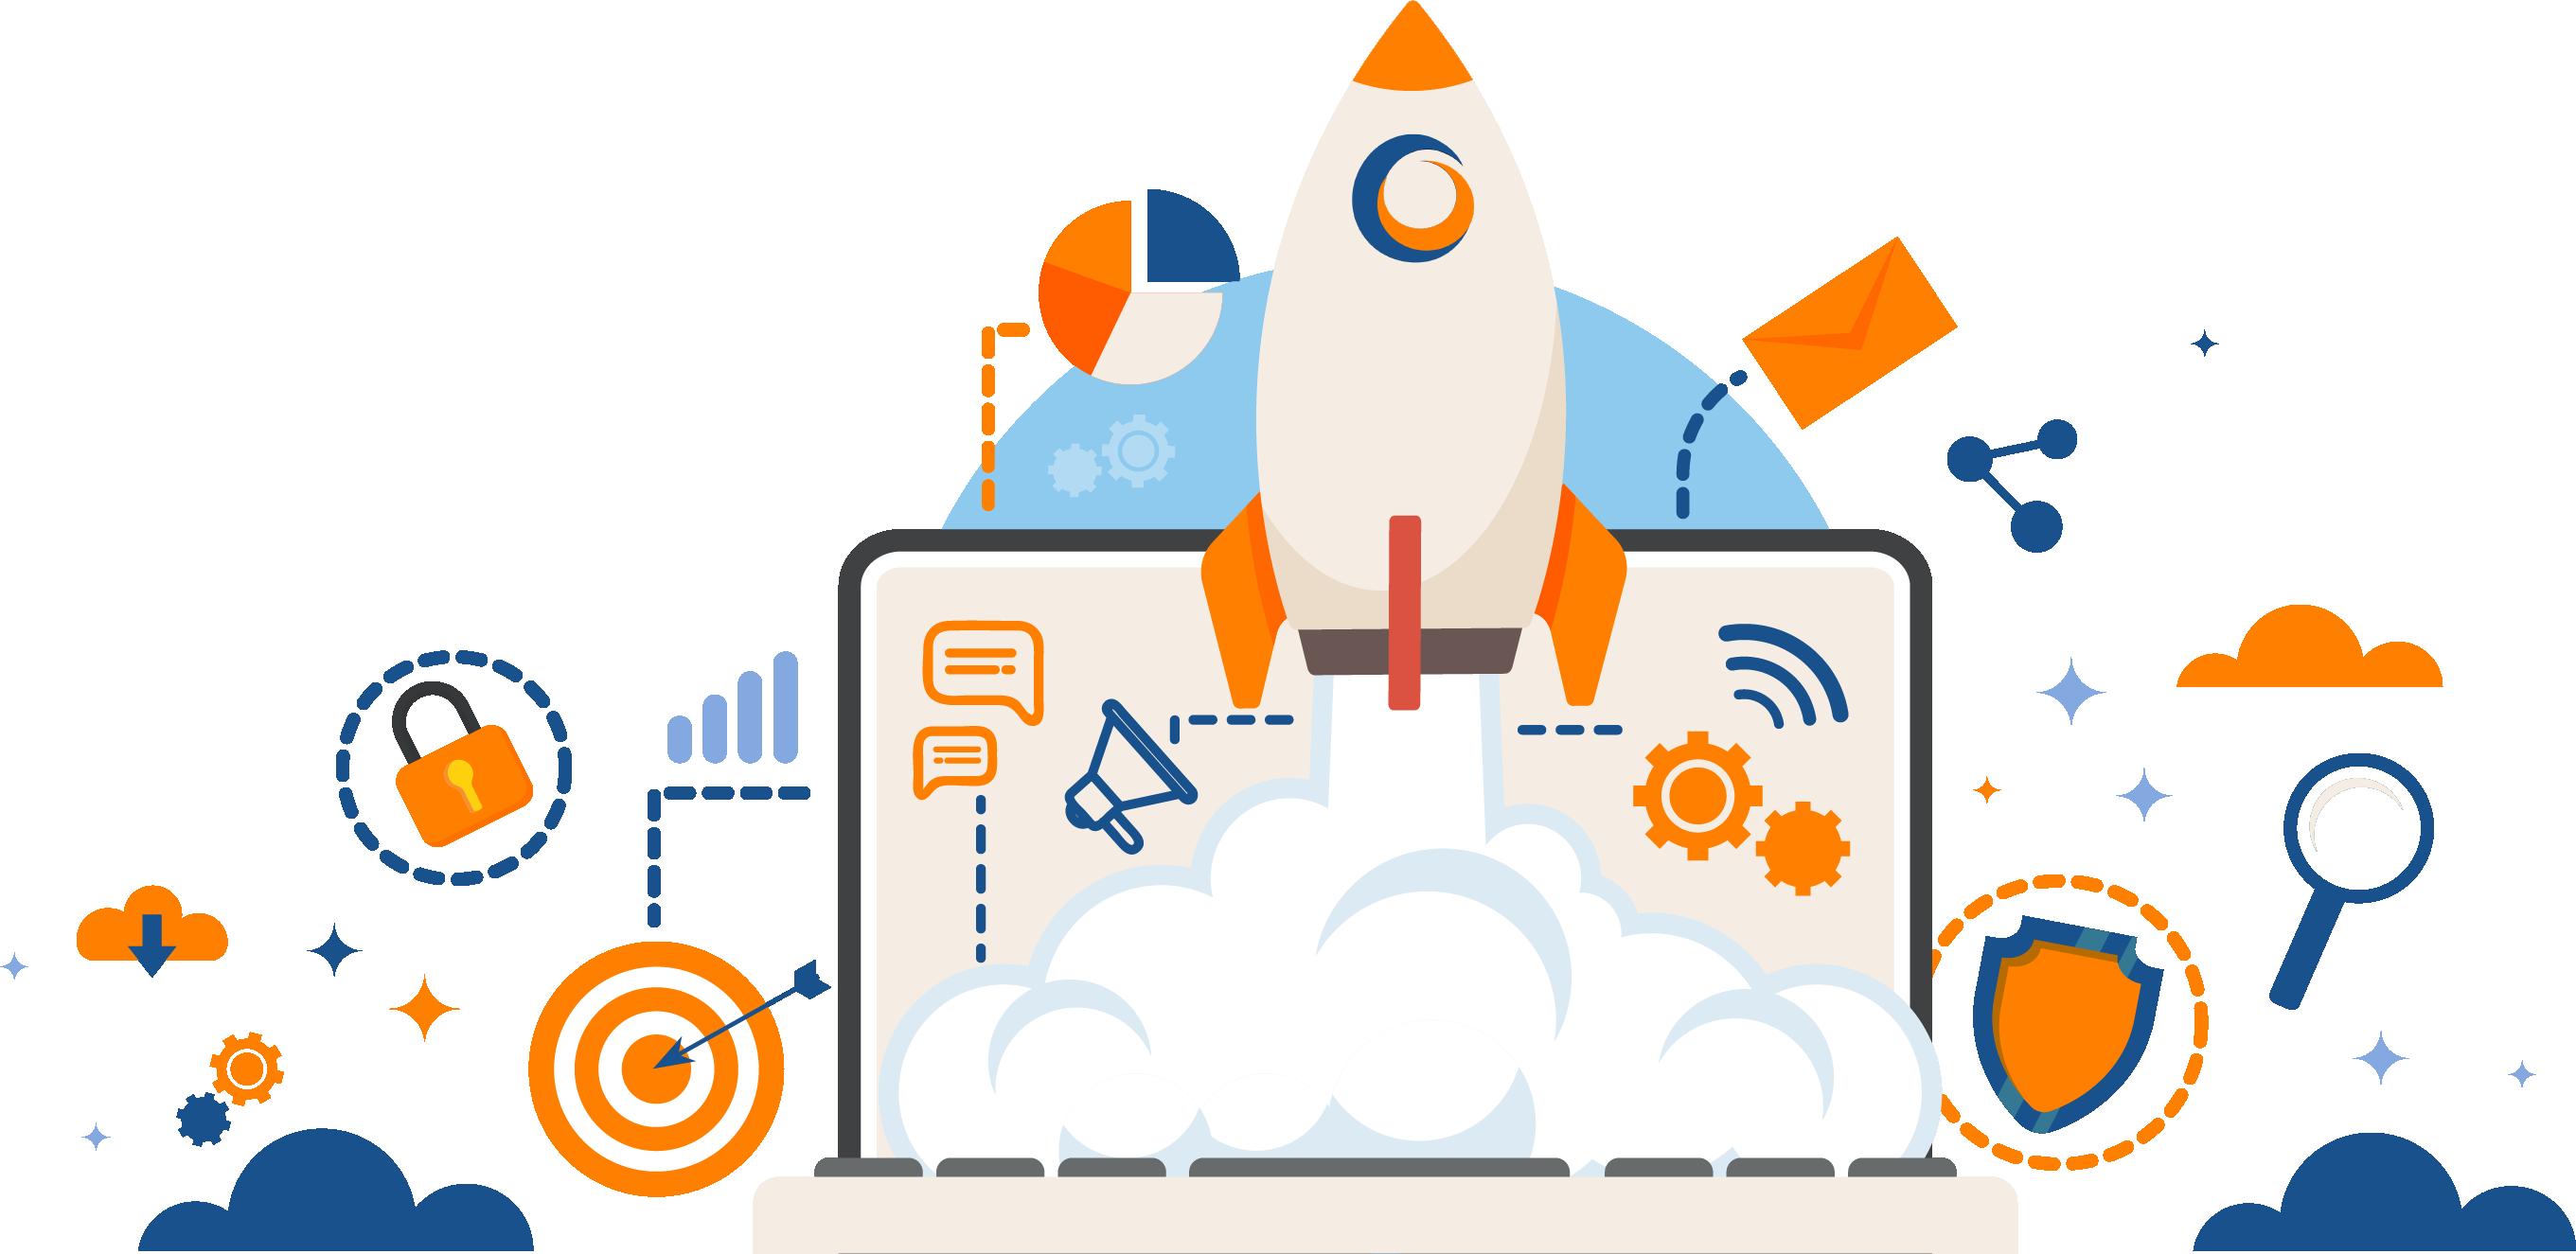 Các Cách Marketing Online Hiệu Quả Cao Cho Doanh Nghiệp